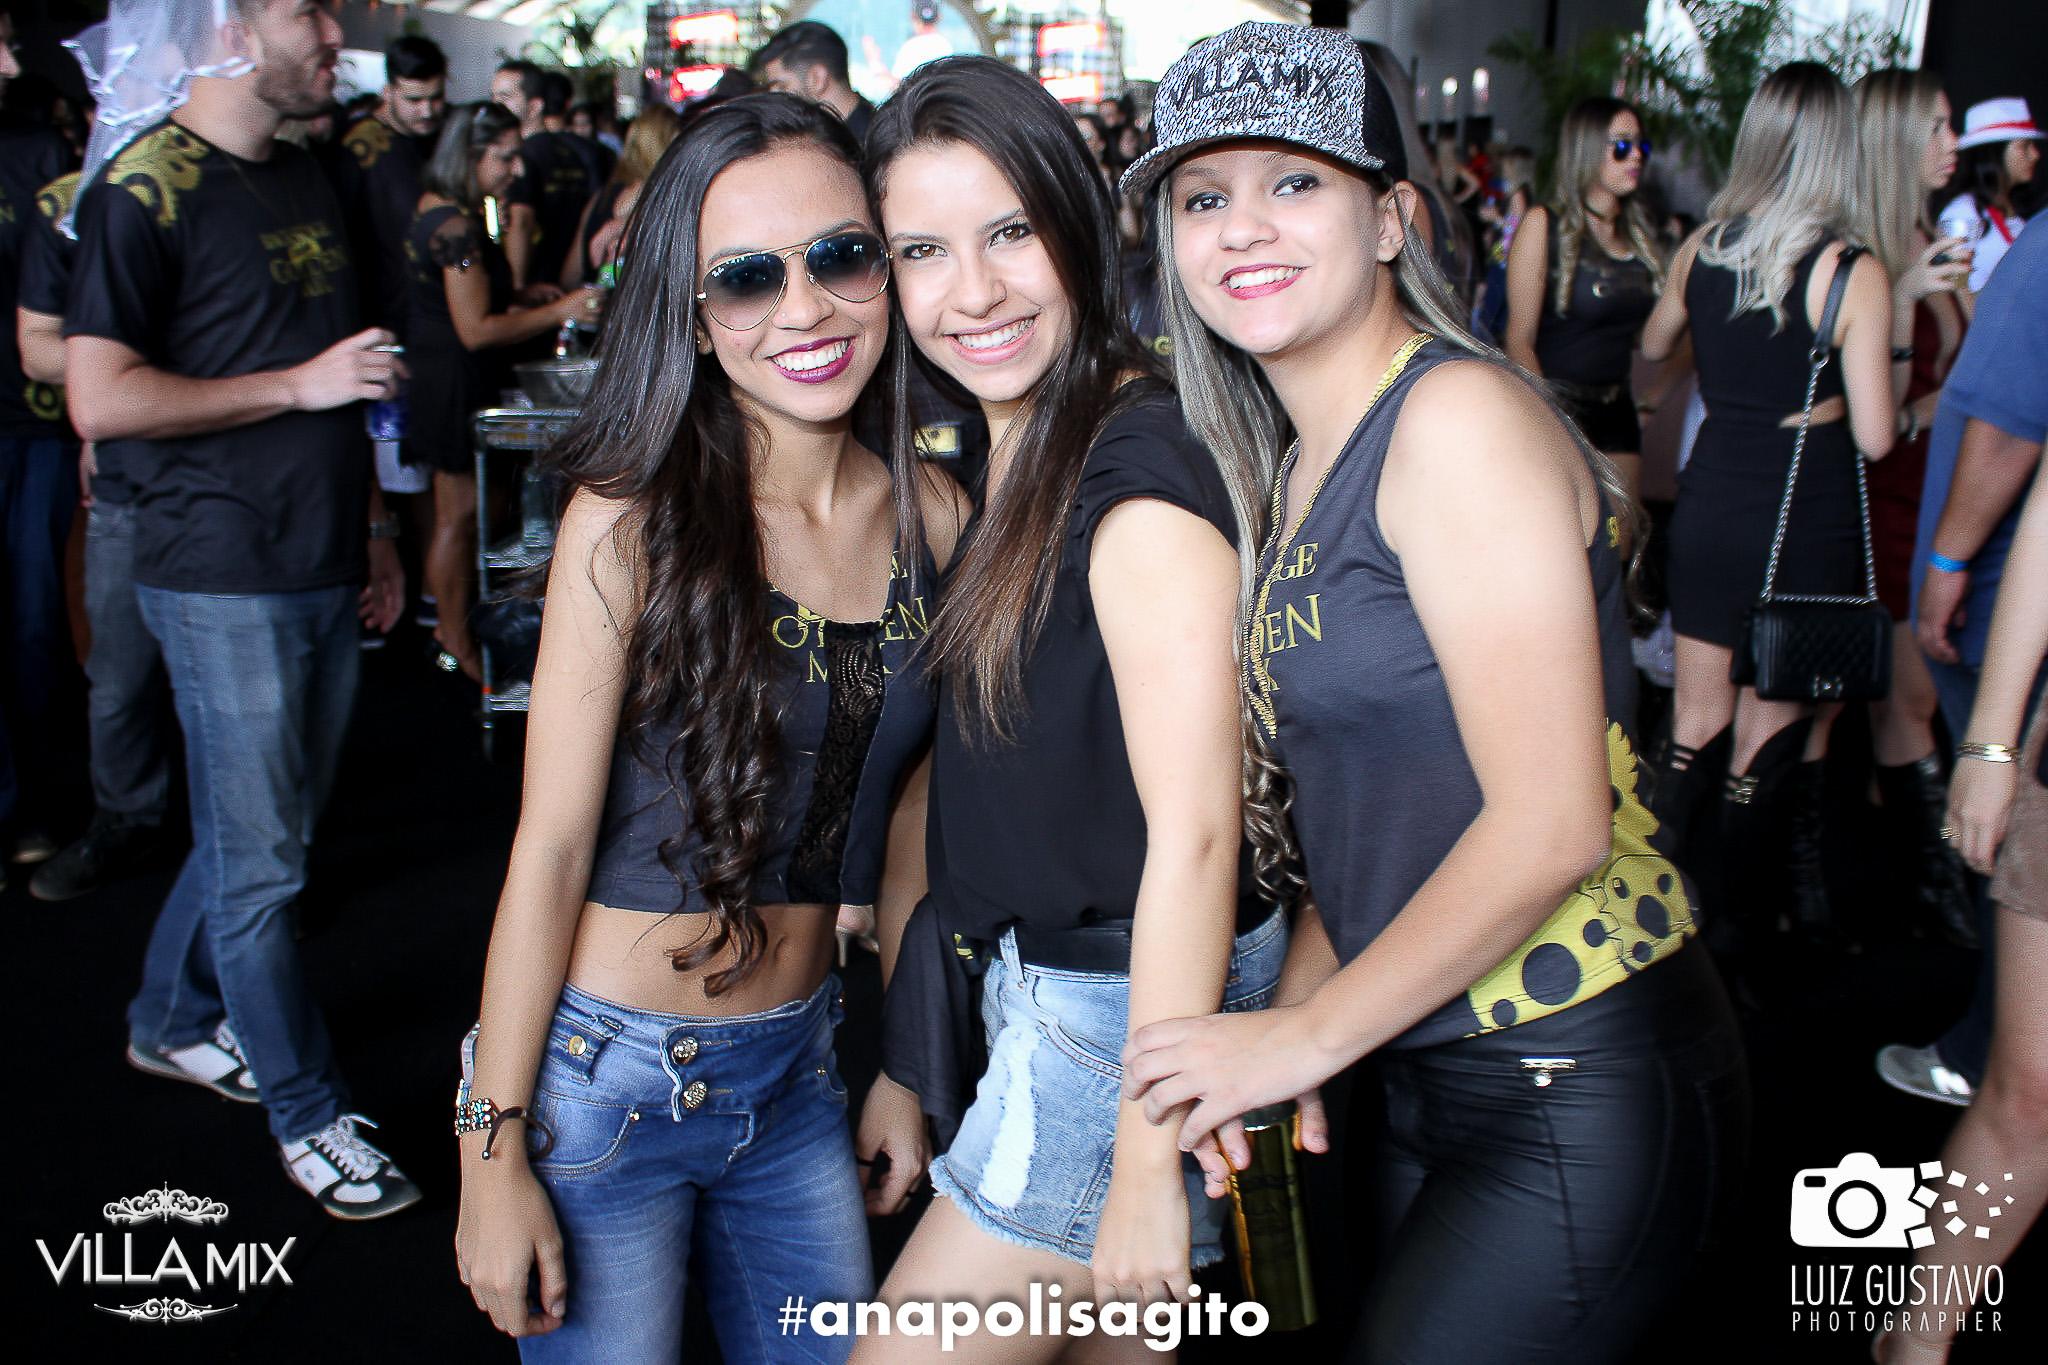 Luiz Gustavo Photographer (25 de 327)